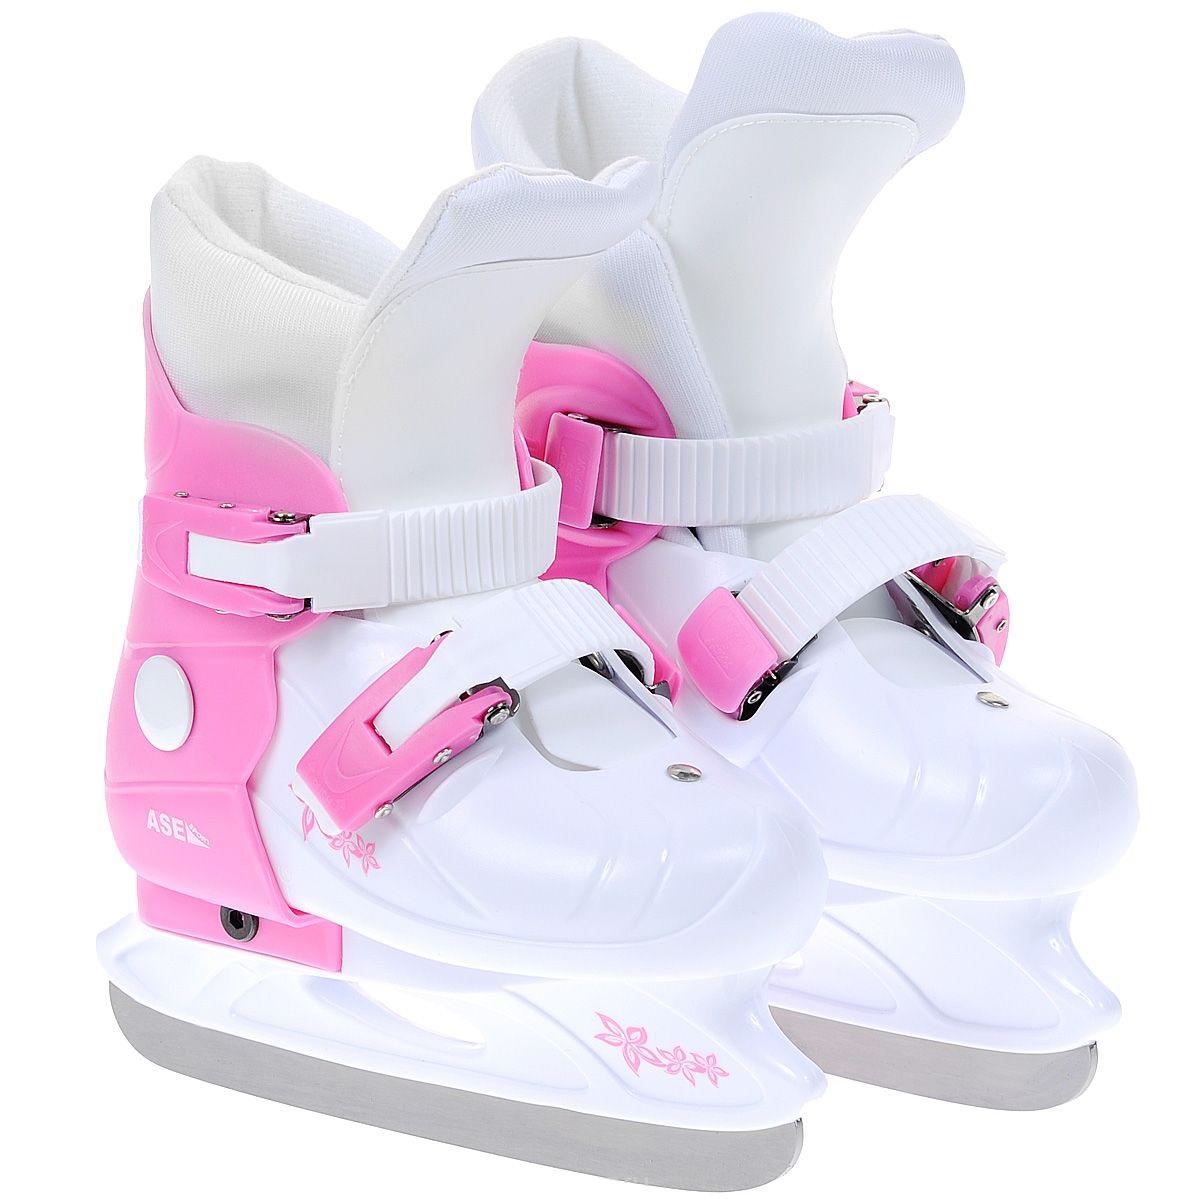 Коньки раздвижные ASE-SPORT Ase-Sport р.XS (29-32) коньки хоккейные раздвижные ase sport ase 211f цвет белый розовый размер 34 37